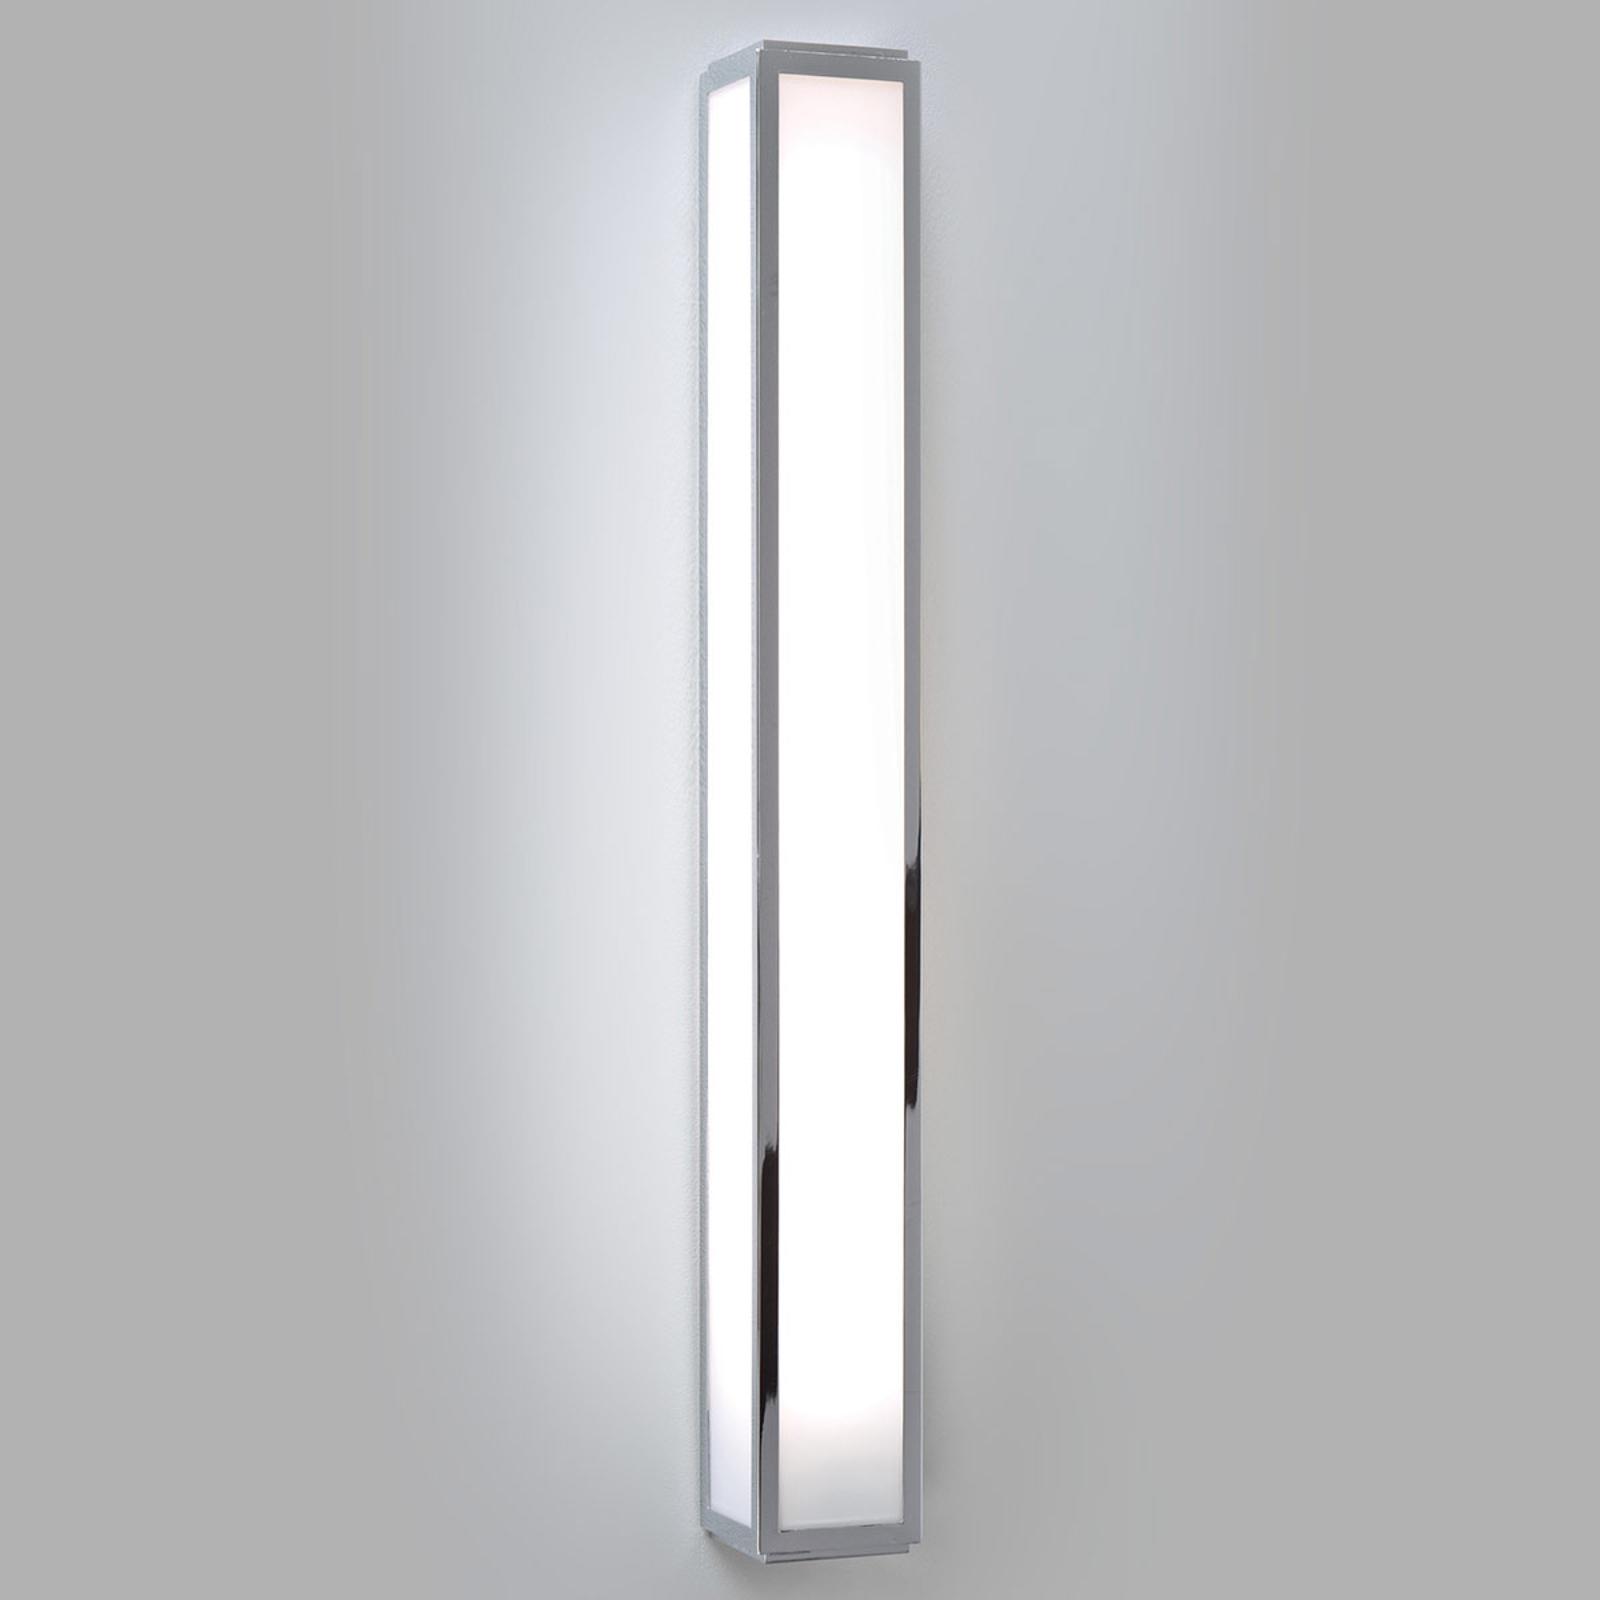 Langwerpige LED-wandlamp MASHIKO 600 LED